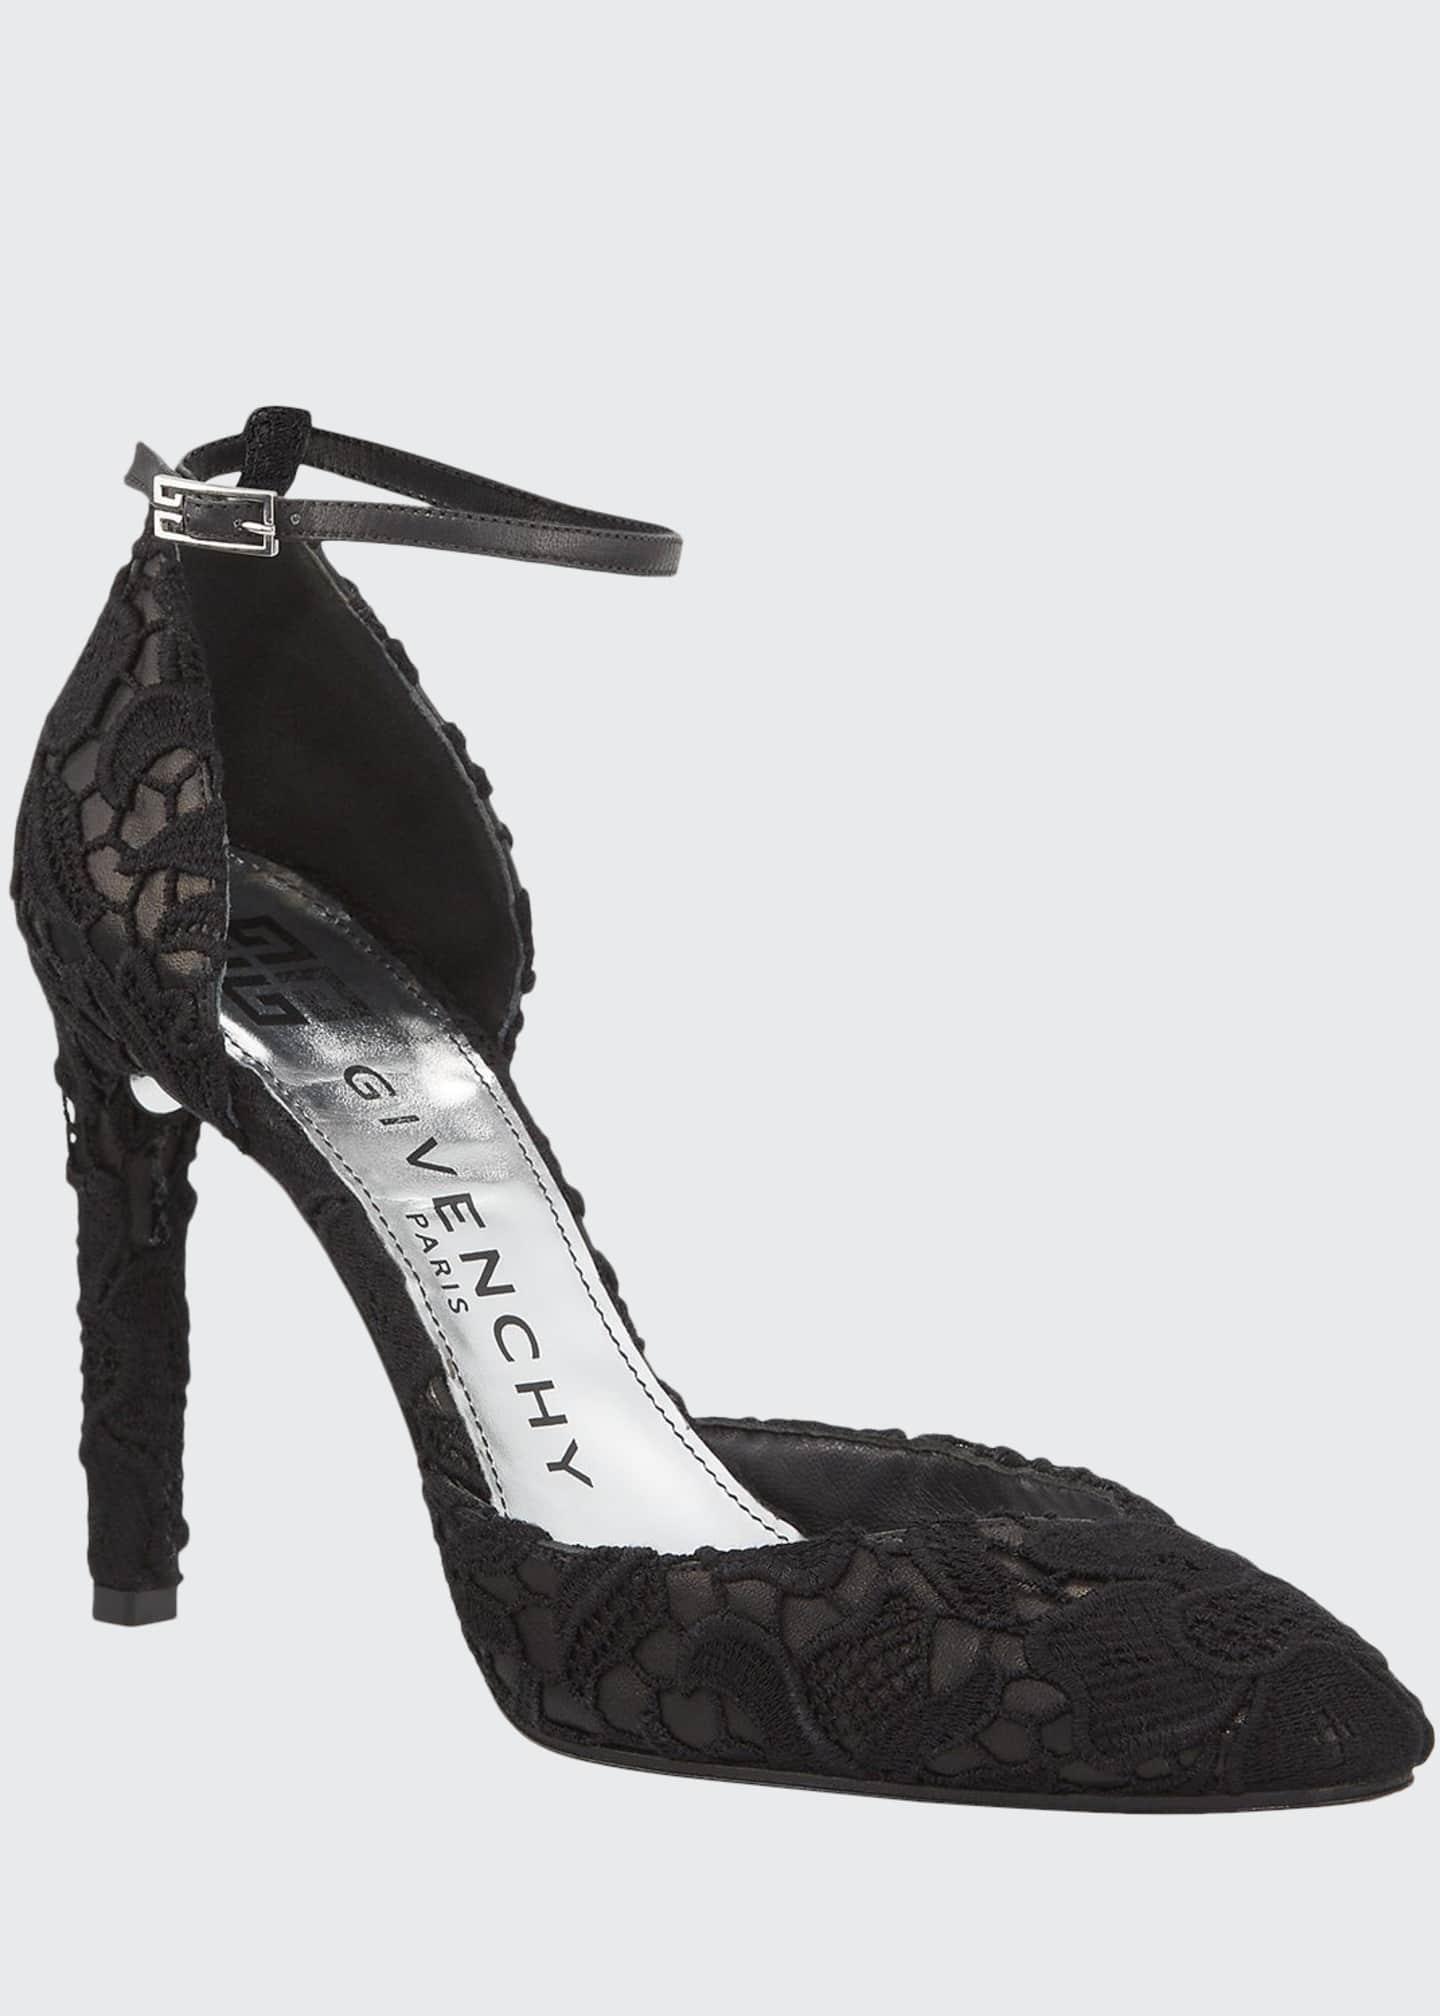 Givenchy Haute Couture Lace Pumps